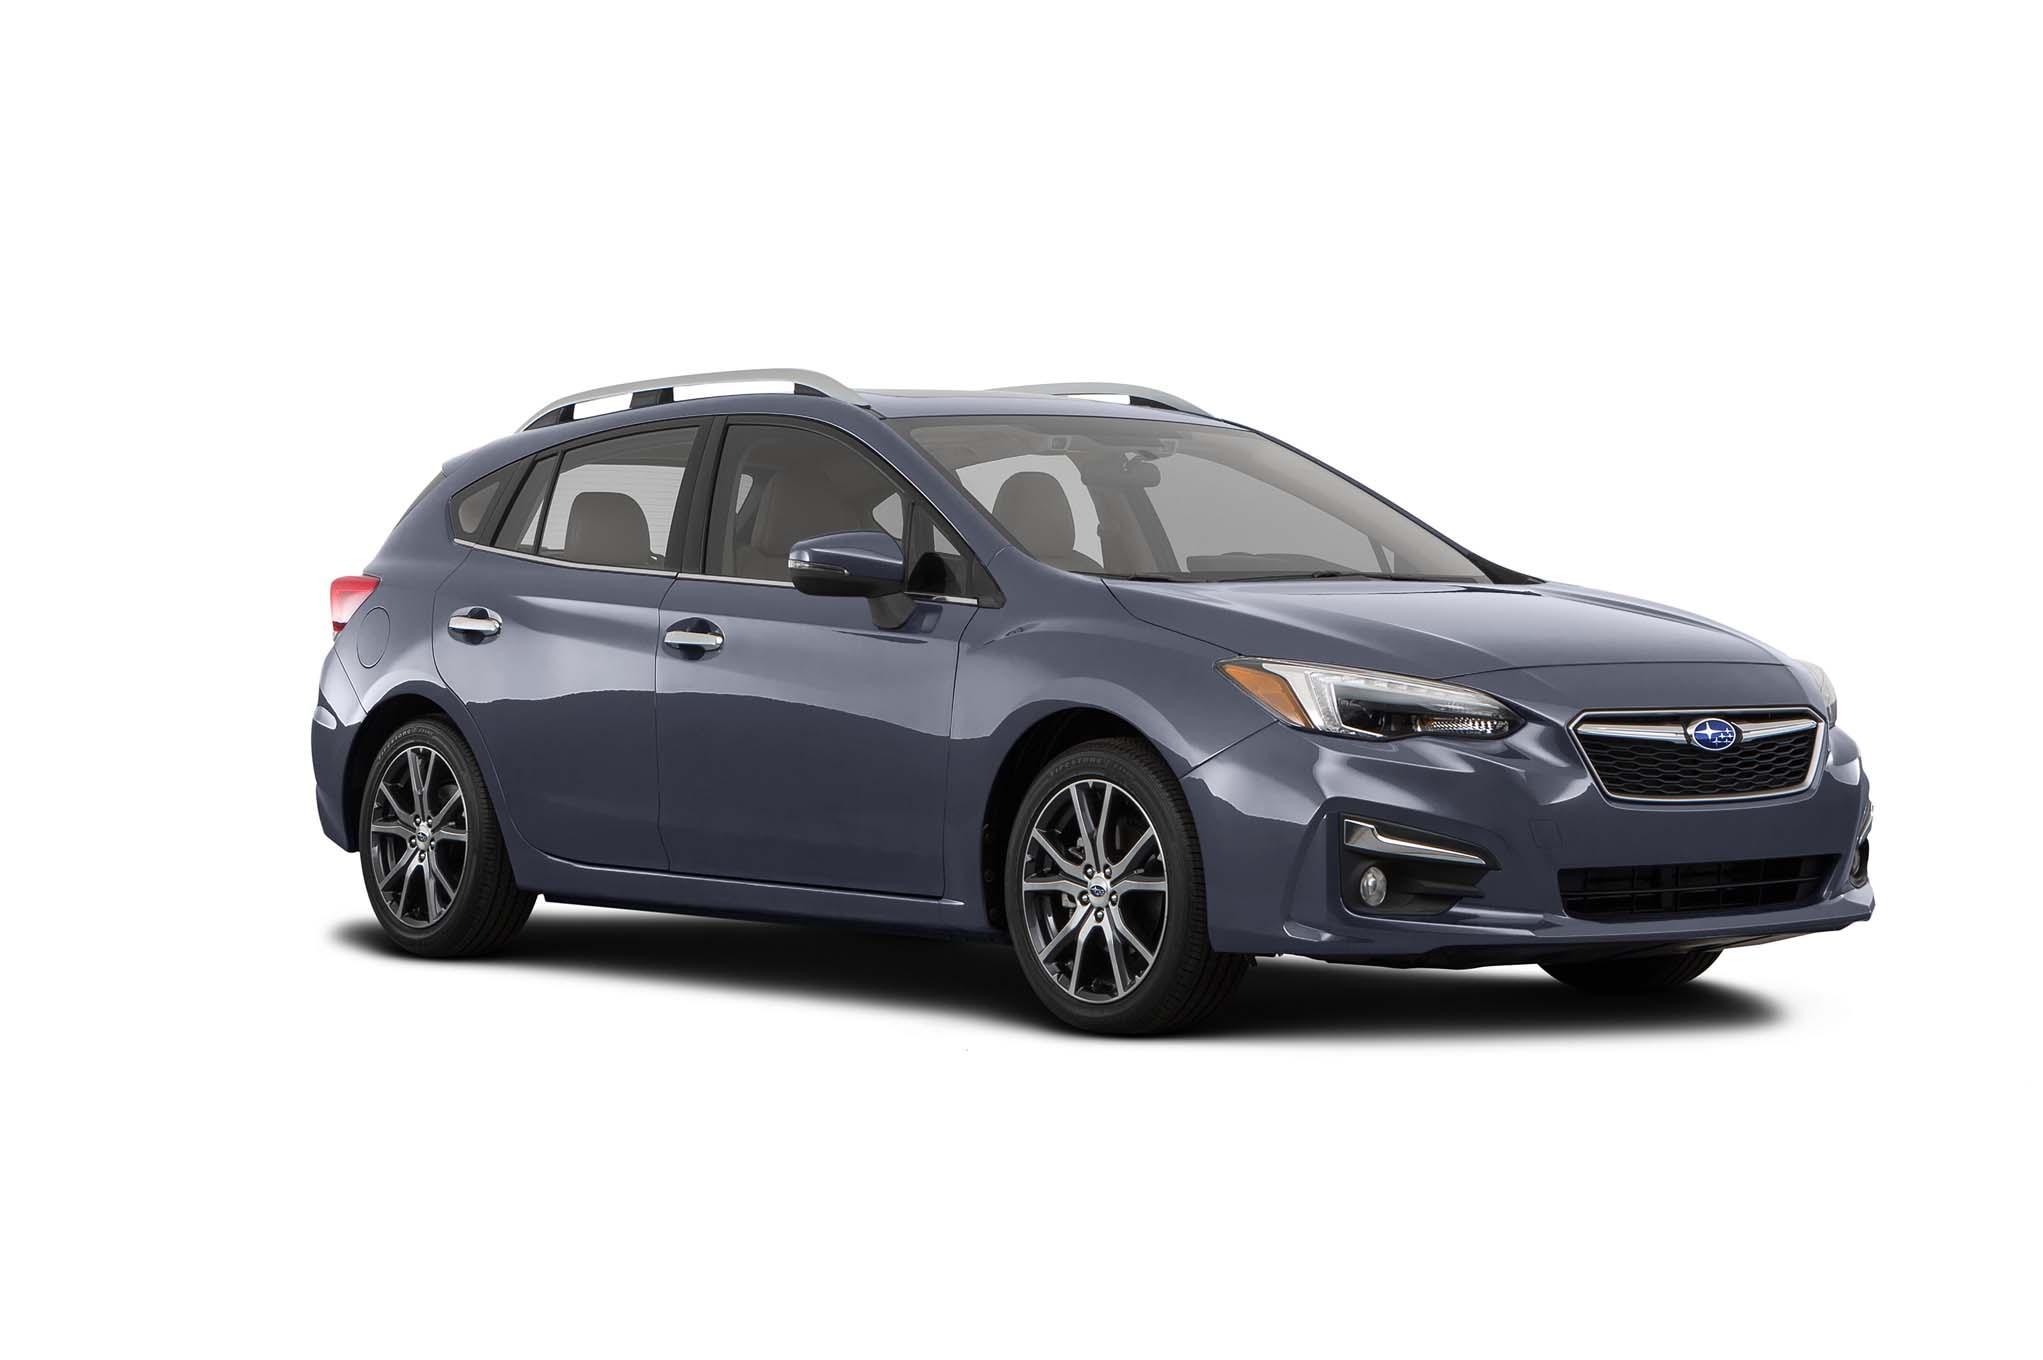 All-New 2017 Subaru Impreza Bows in New York | Automobile ...